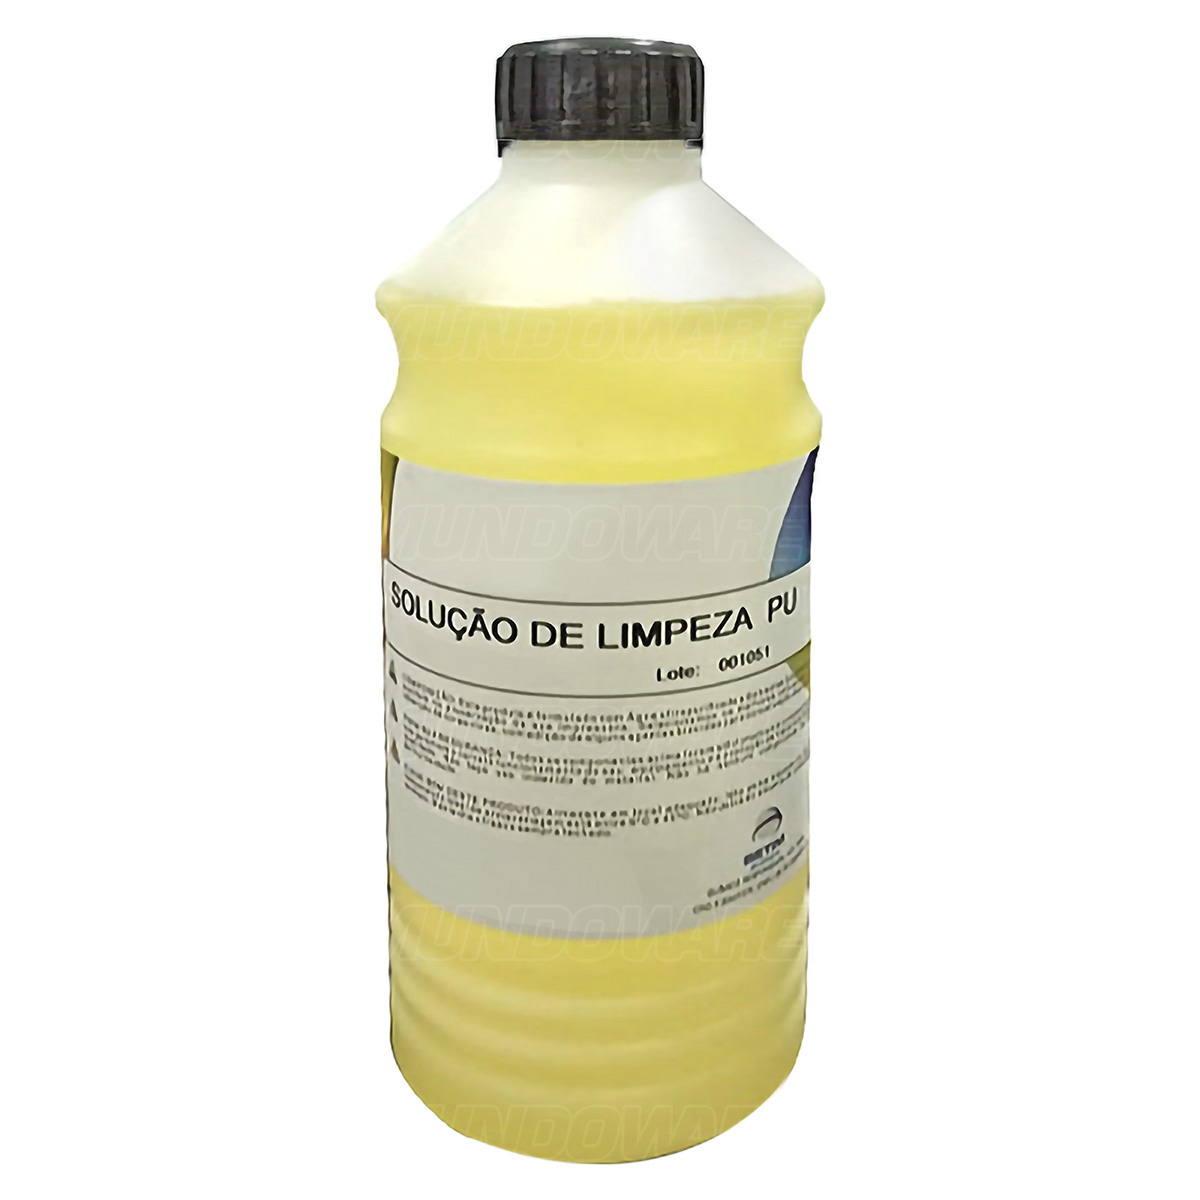 Solução de Limpeza PU Qualy-Ink para Cartucho de Tinta Bulk Ink Tanque de Tinta / Refil de 1 Litro